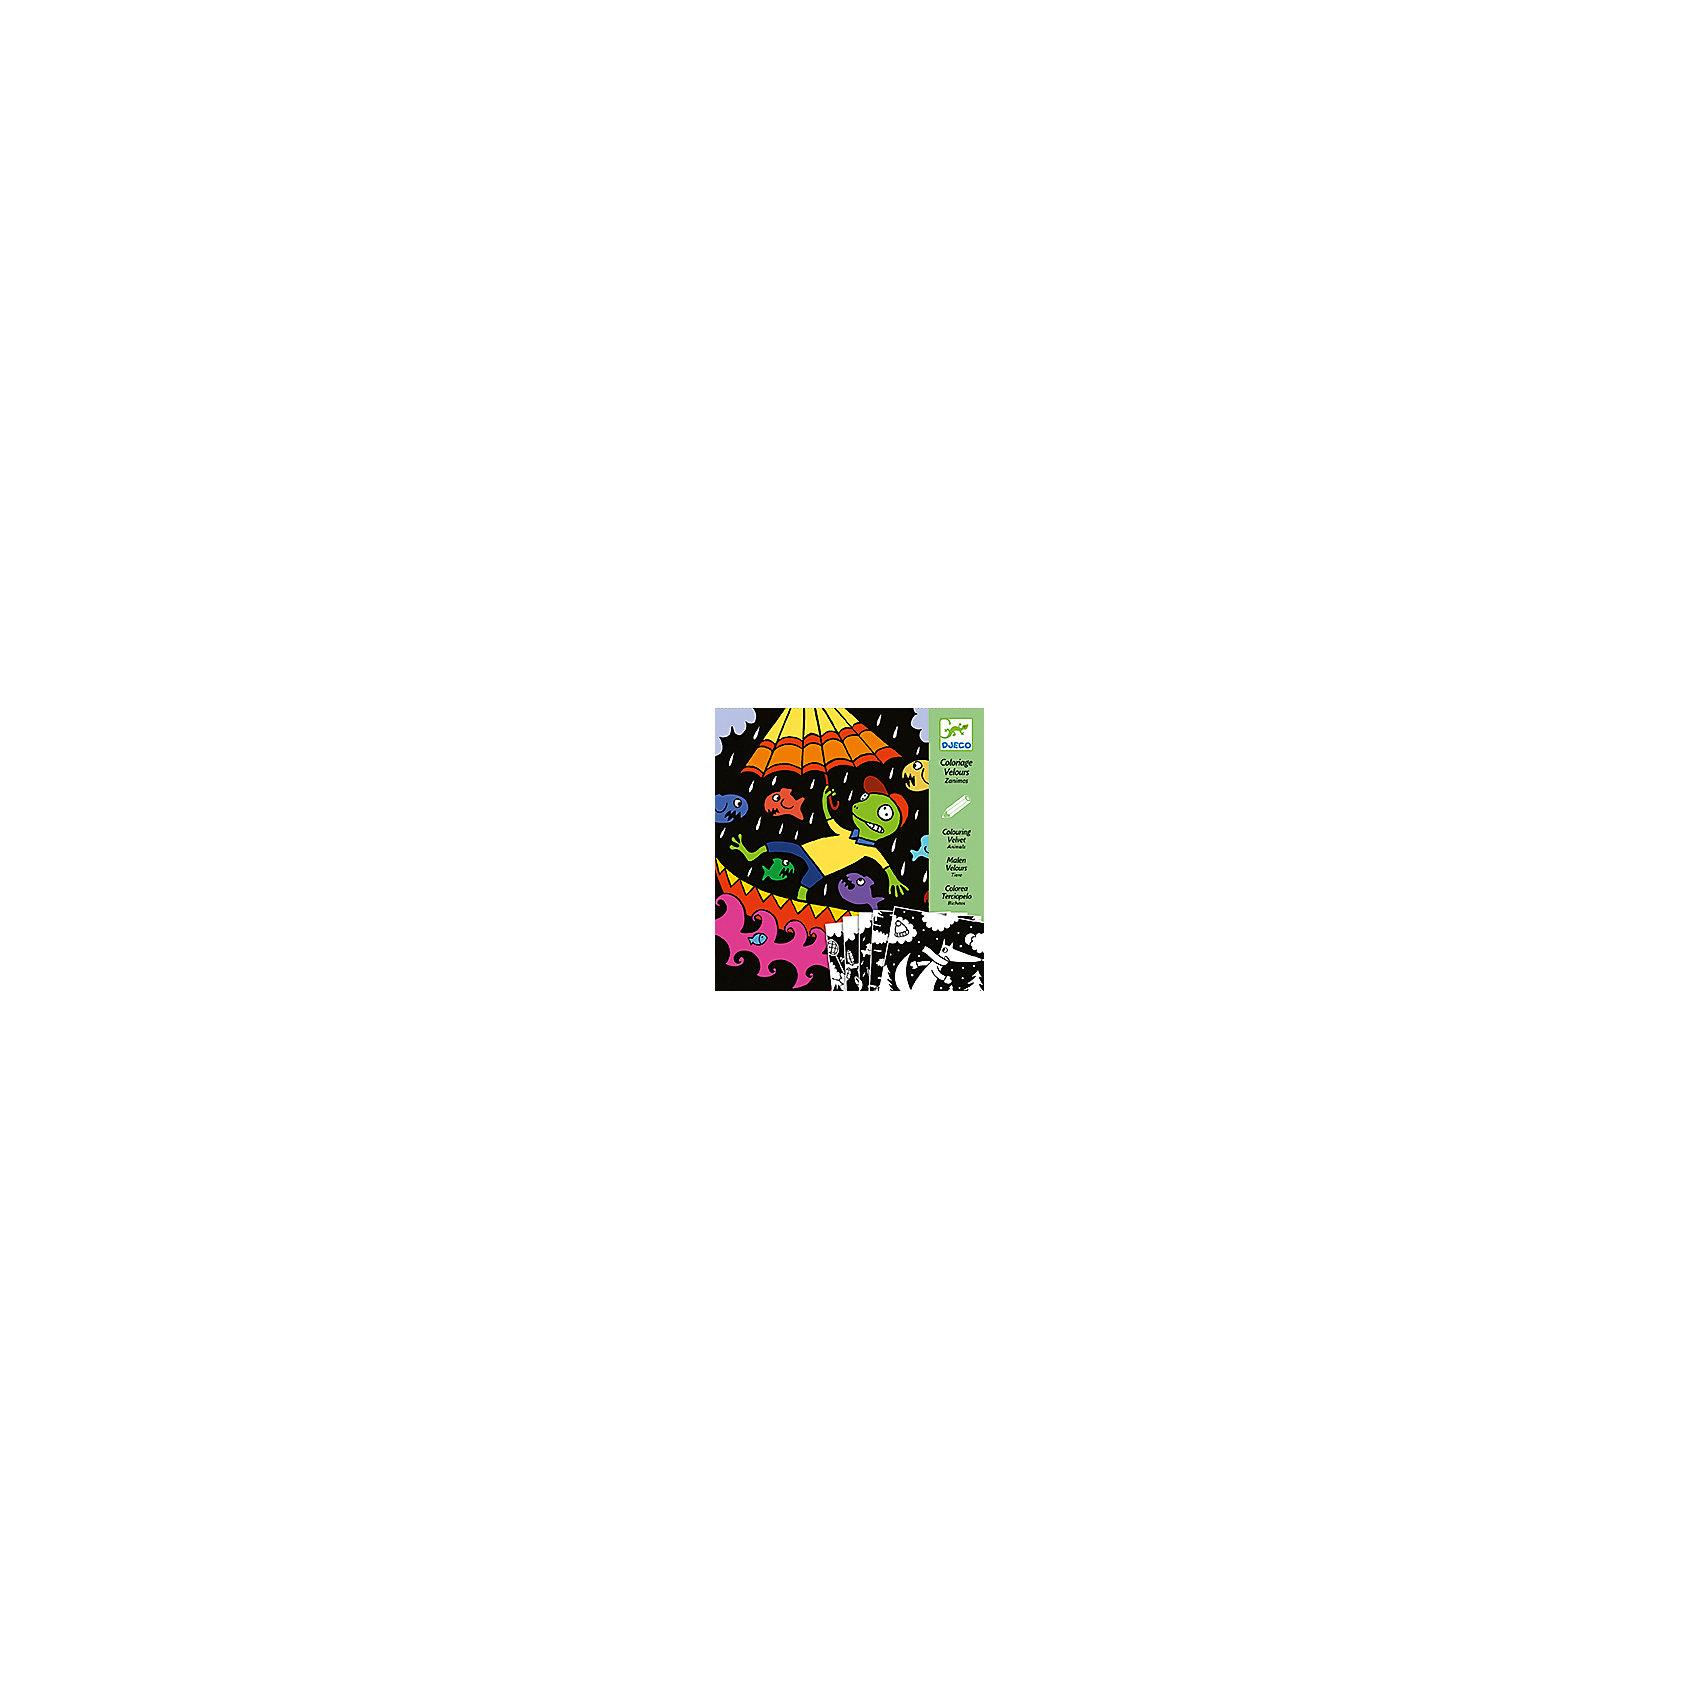 Бархатные раскраски Животные Бархатные раскраски Животные  – это прекрасный набор для детского творчества.<br>Бархатные раскраски Животные от французской компании Djeco (Джеко) станут прекрасным пособием для начинающего художника. Малышам предстоит раскрасить специальные заготовки с помощью фломастеров, карандашей или красок, проявив свою фантазию. Бархатная основа создает интересный эффект и не дает выйти за края, поэтому картинки получатся аккуратными. Бархатные раскраски Животные  подарит детям радость самовыражения, и поможет развивать усидчивость, воображение, мелкую моторику, цветовосприятие и творческое мышление.<br><br>Дополнительная информация:<br><br>- В наборе: 5 картинок-основ с веселыми сюжетами из жизни разных животных, буклет-инструкция<br>- Размер упаковки: 22 х 23 х 1 см.<br>- Вес: 120 гр. <br><br>Бархатные раскраски Животные можно купить в нашем интернет-магазине.<br><br>Ширина мм: 220<br>Глубина мм: 230<br>Высота мм: 10<br>Вес г: 120<br>Возраст от месяцев: 36<br>Возраст до месяцев: 72<br>Пол: Унисекс<br>Возраст: Детский<br>SKU: 4305792